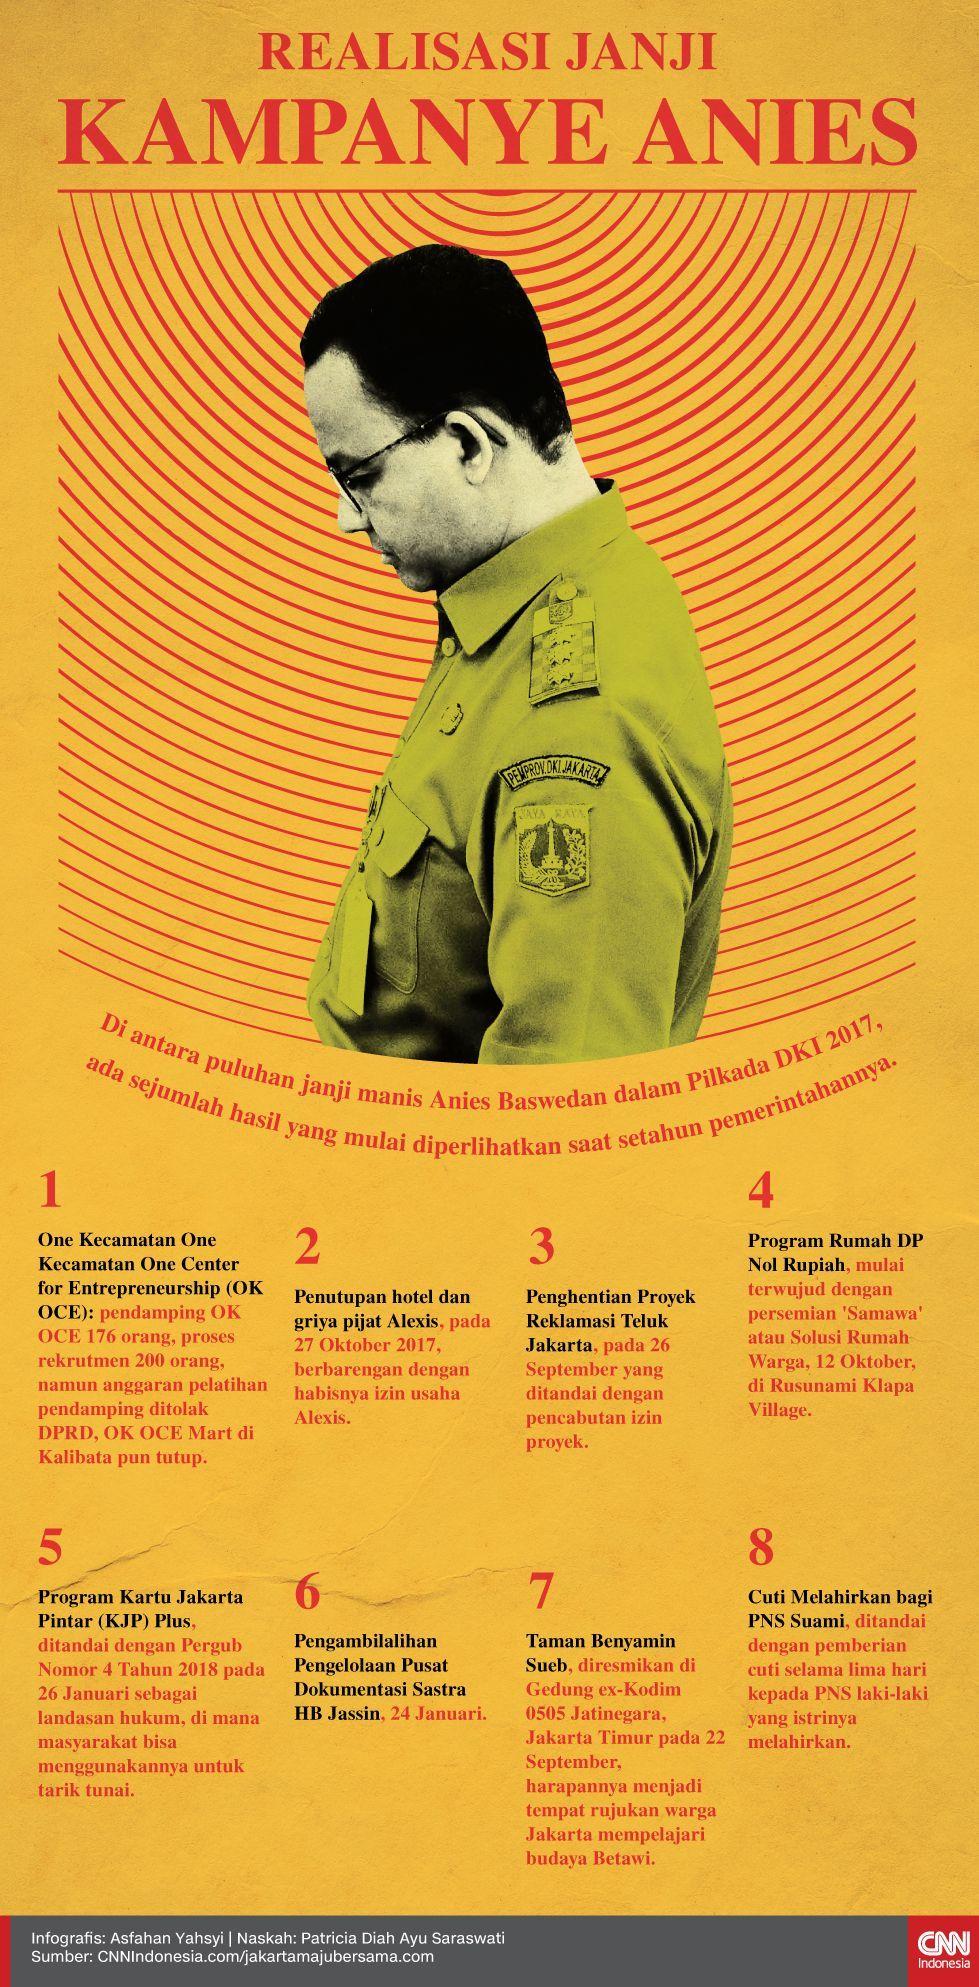 Infografis Realisasi Janji Kampanye Anies